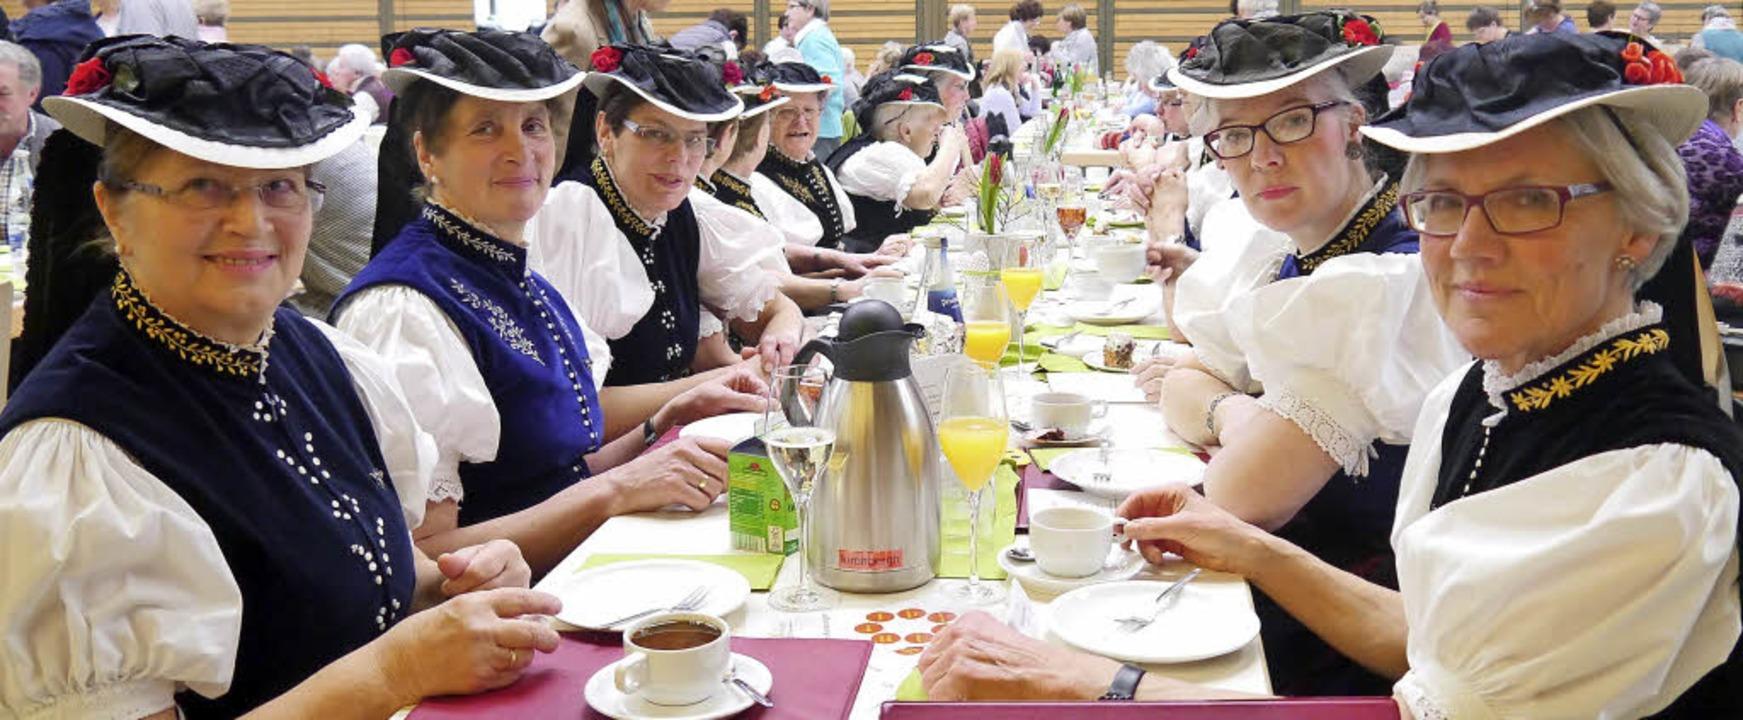 Über 500 Landfrauen aus dem Bezirk Fre...ieder des Landfrauenchors St. Märgen.   | Foto: Barbara Riess